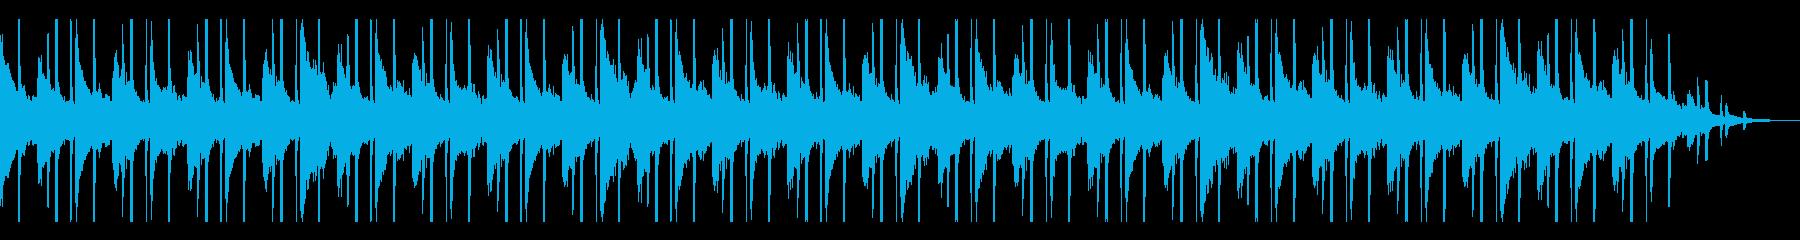 ピアノサンプルHIPHOP 爽やかの再生済みの波形